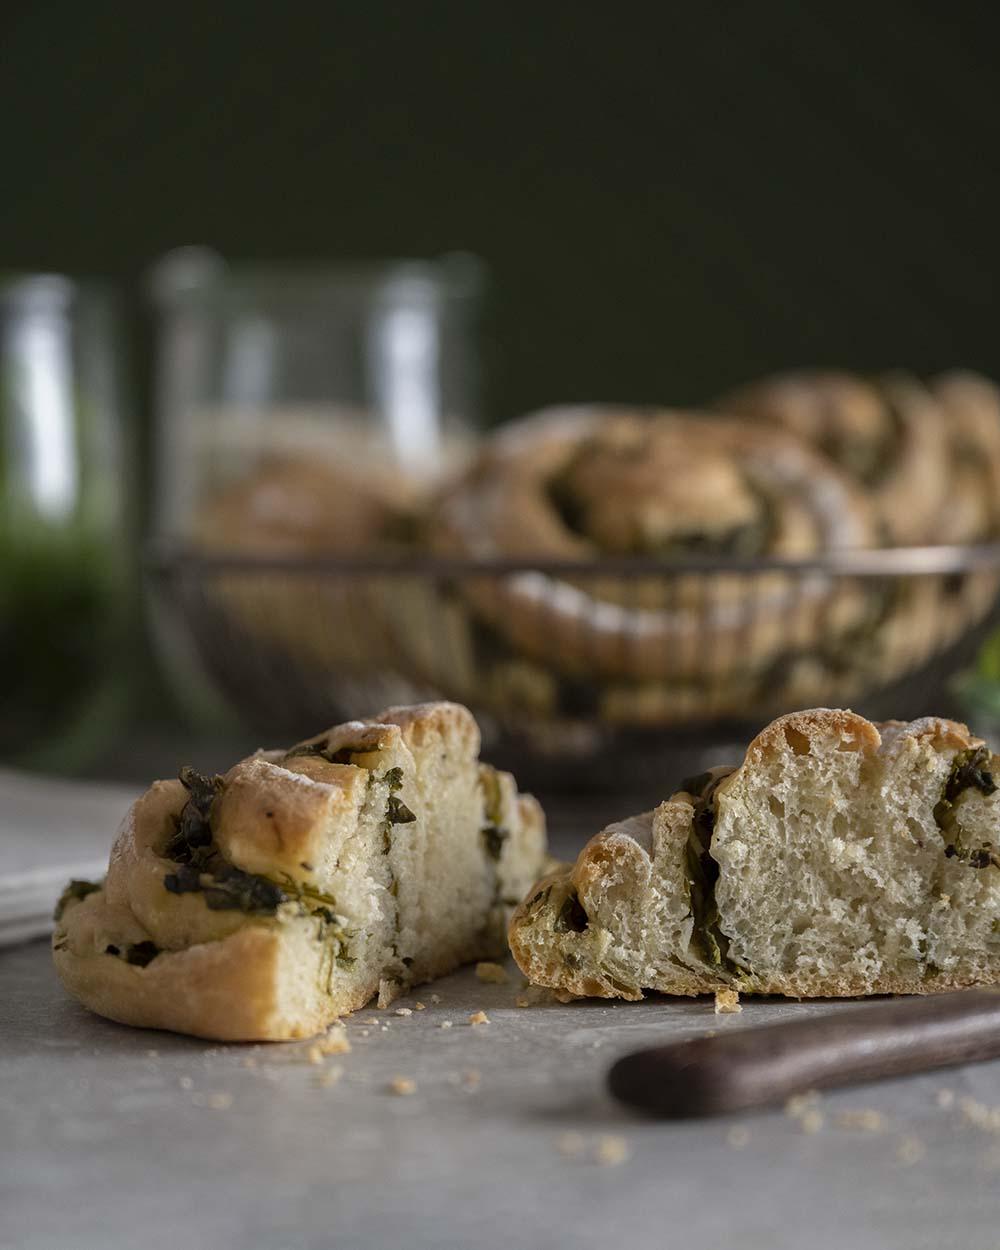 Wir haben eine Brot-Schnecke in der Mitte durchgeschnitten. Zu sehen ist die Porung und die Füllung aus Salat, die sich durch das Gebäck zieht.